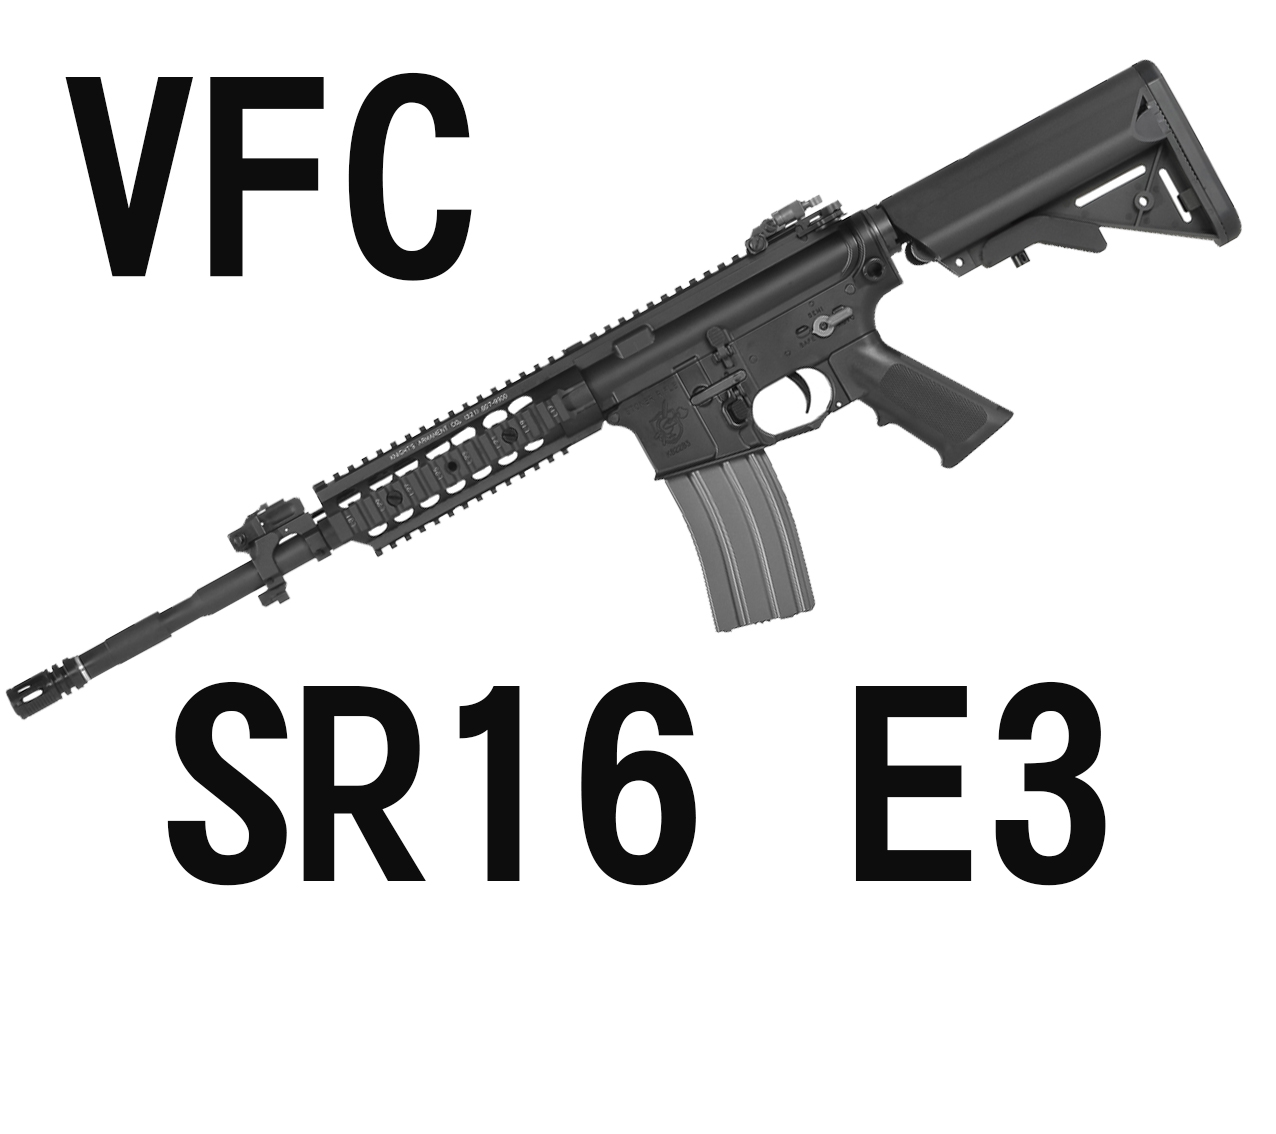 【翔準軍品AOG】【VFC】SR16 E3 卡賓 海豹托 魚骨版 電動槍 長槍 黑色 VF1-LSR16-BK81